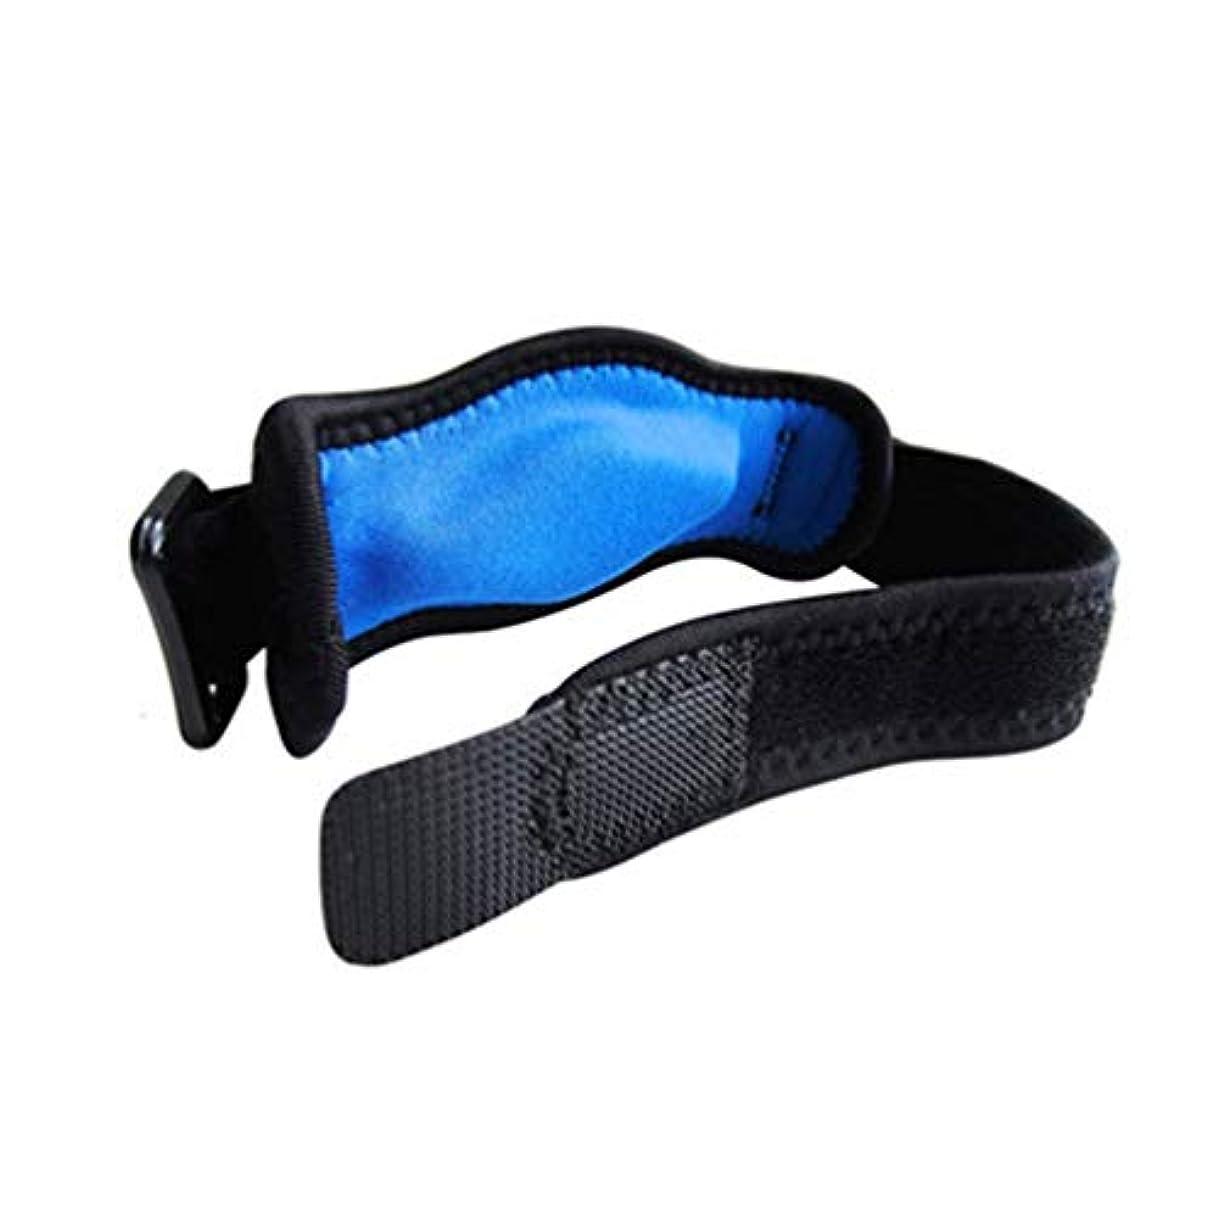 下るうまれたカール調節可能なテニス肘サポートストラップブレースゴルフ前腕痛み緩和 - 黒